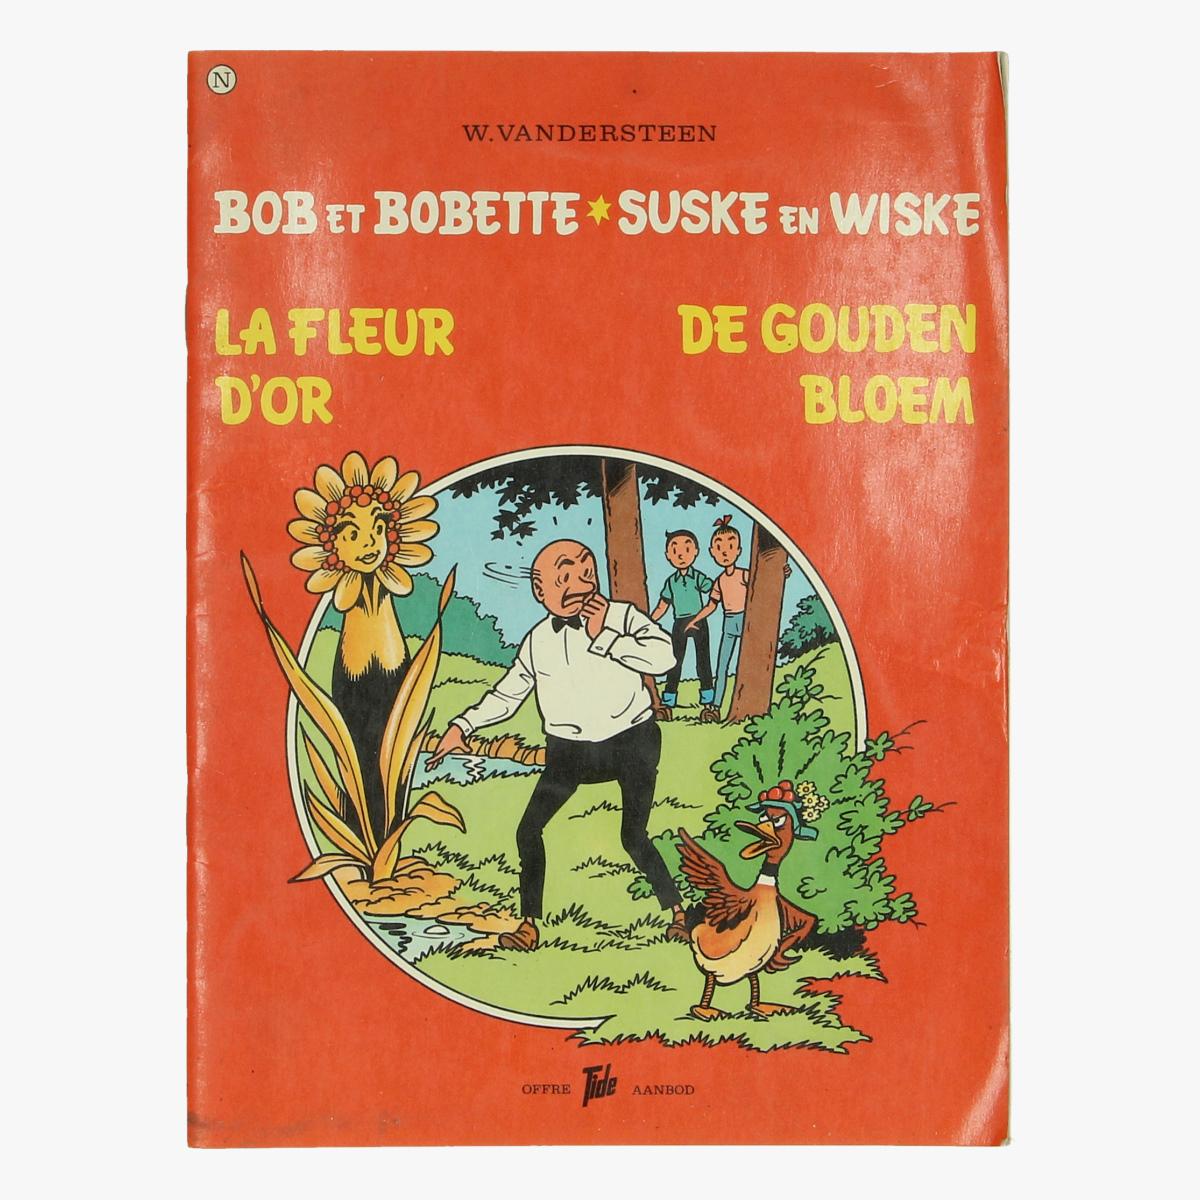 Afbeeldingen van Suske en Wiske De goude bloem nerderlands en franstalig